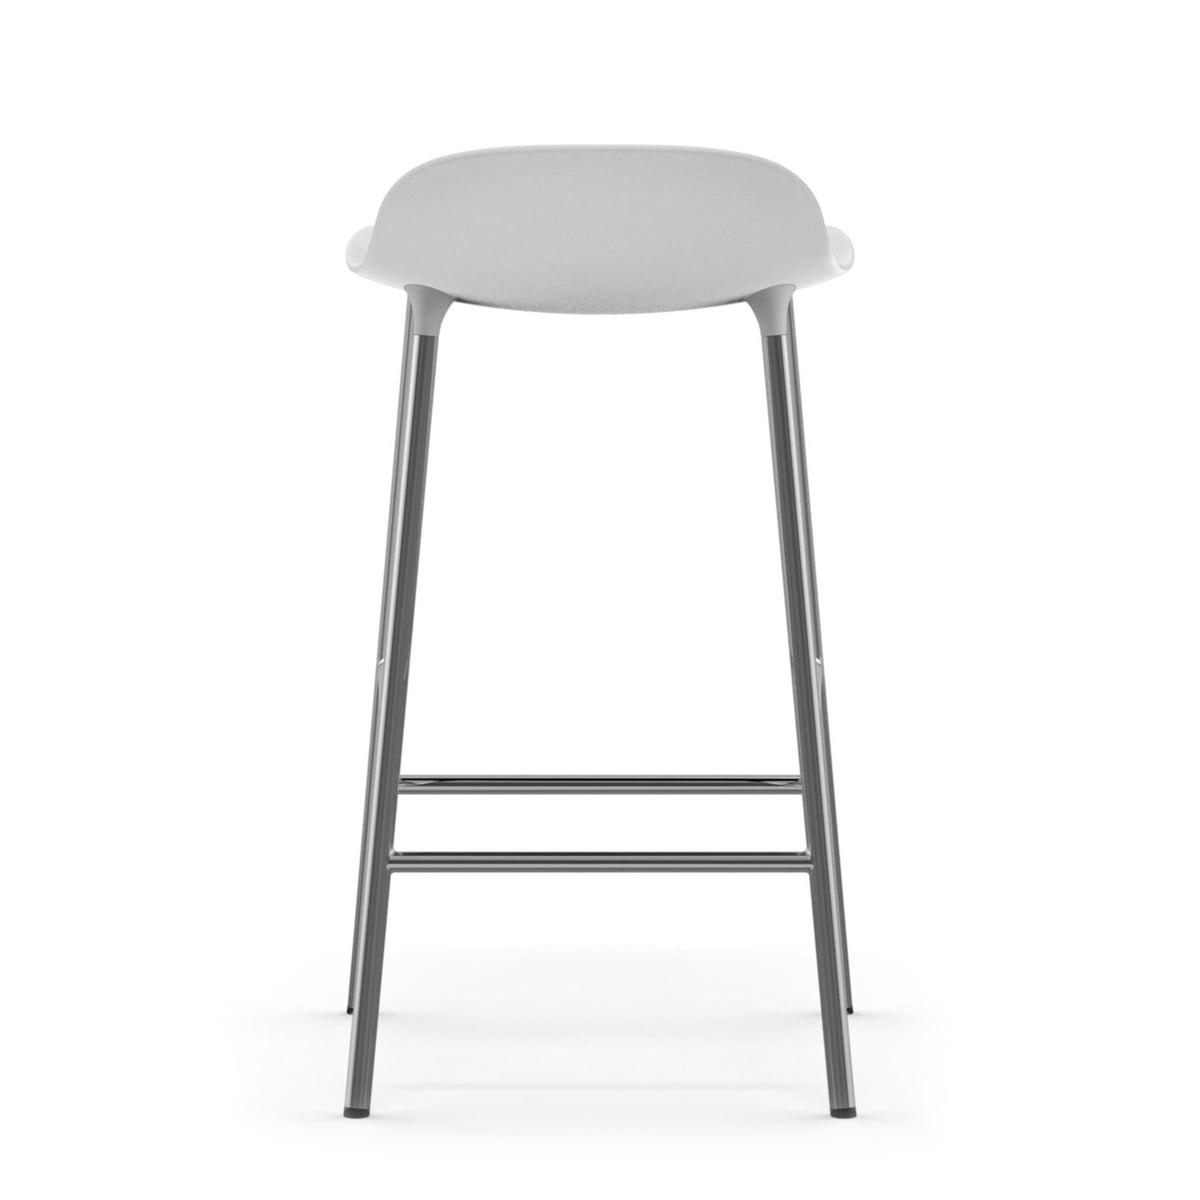 65 Bar Stool Form By Normann Copenhagen